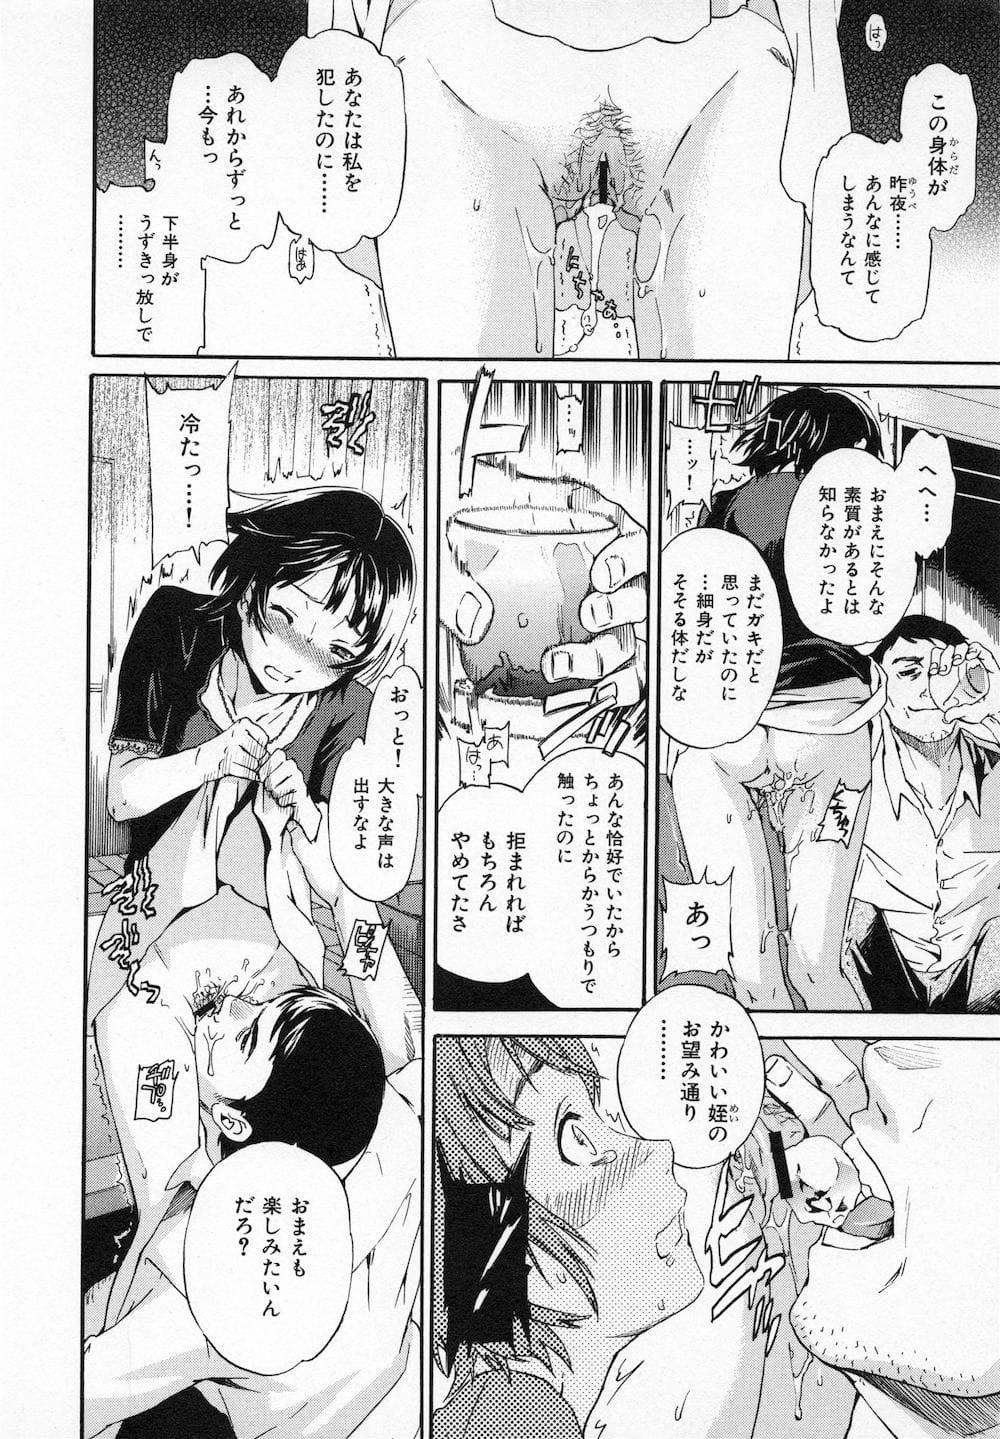 【エロ漫画・同人誌】彼氏とのセックスでは全然感じなかった女が伯父に犯されて淫乱になり夜の公園でセックスwww 012